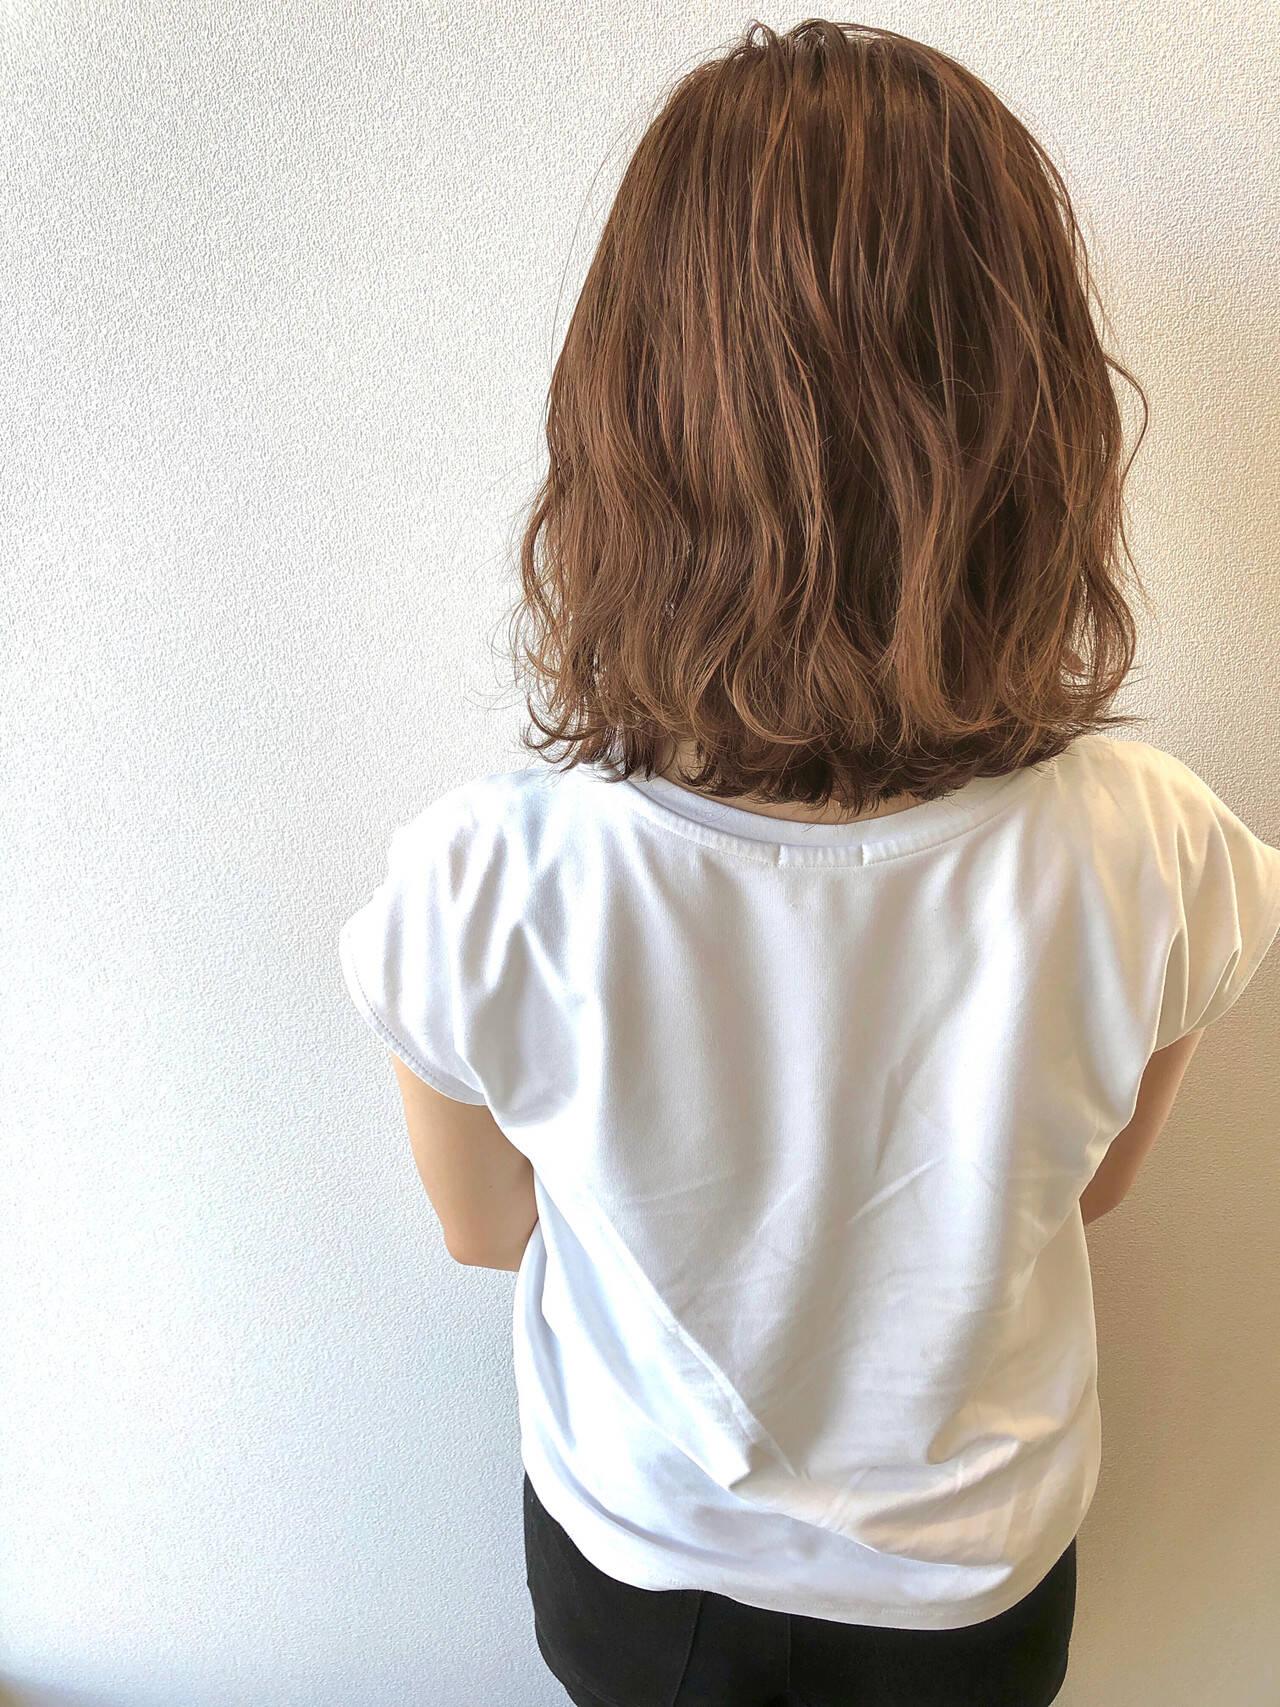 ベージュ 切りっぱなしボブ 波ウェーブ ボブヘアスタイルや髪型の写真・画像